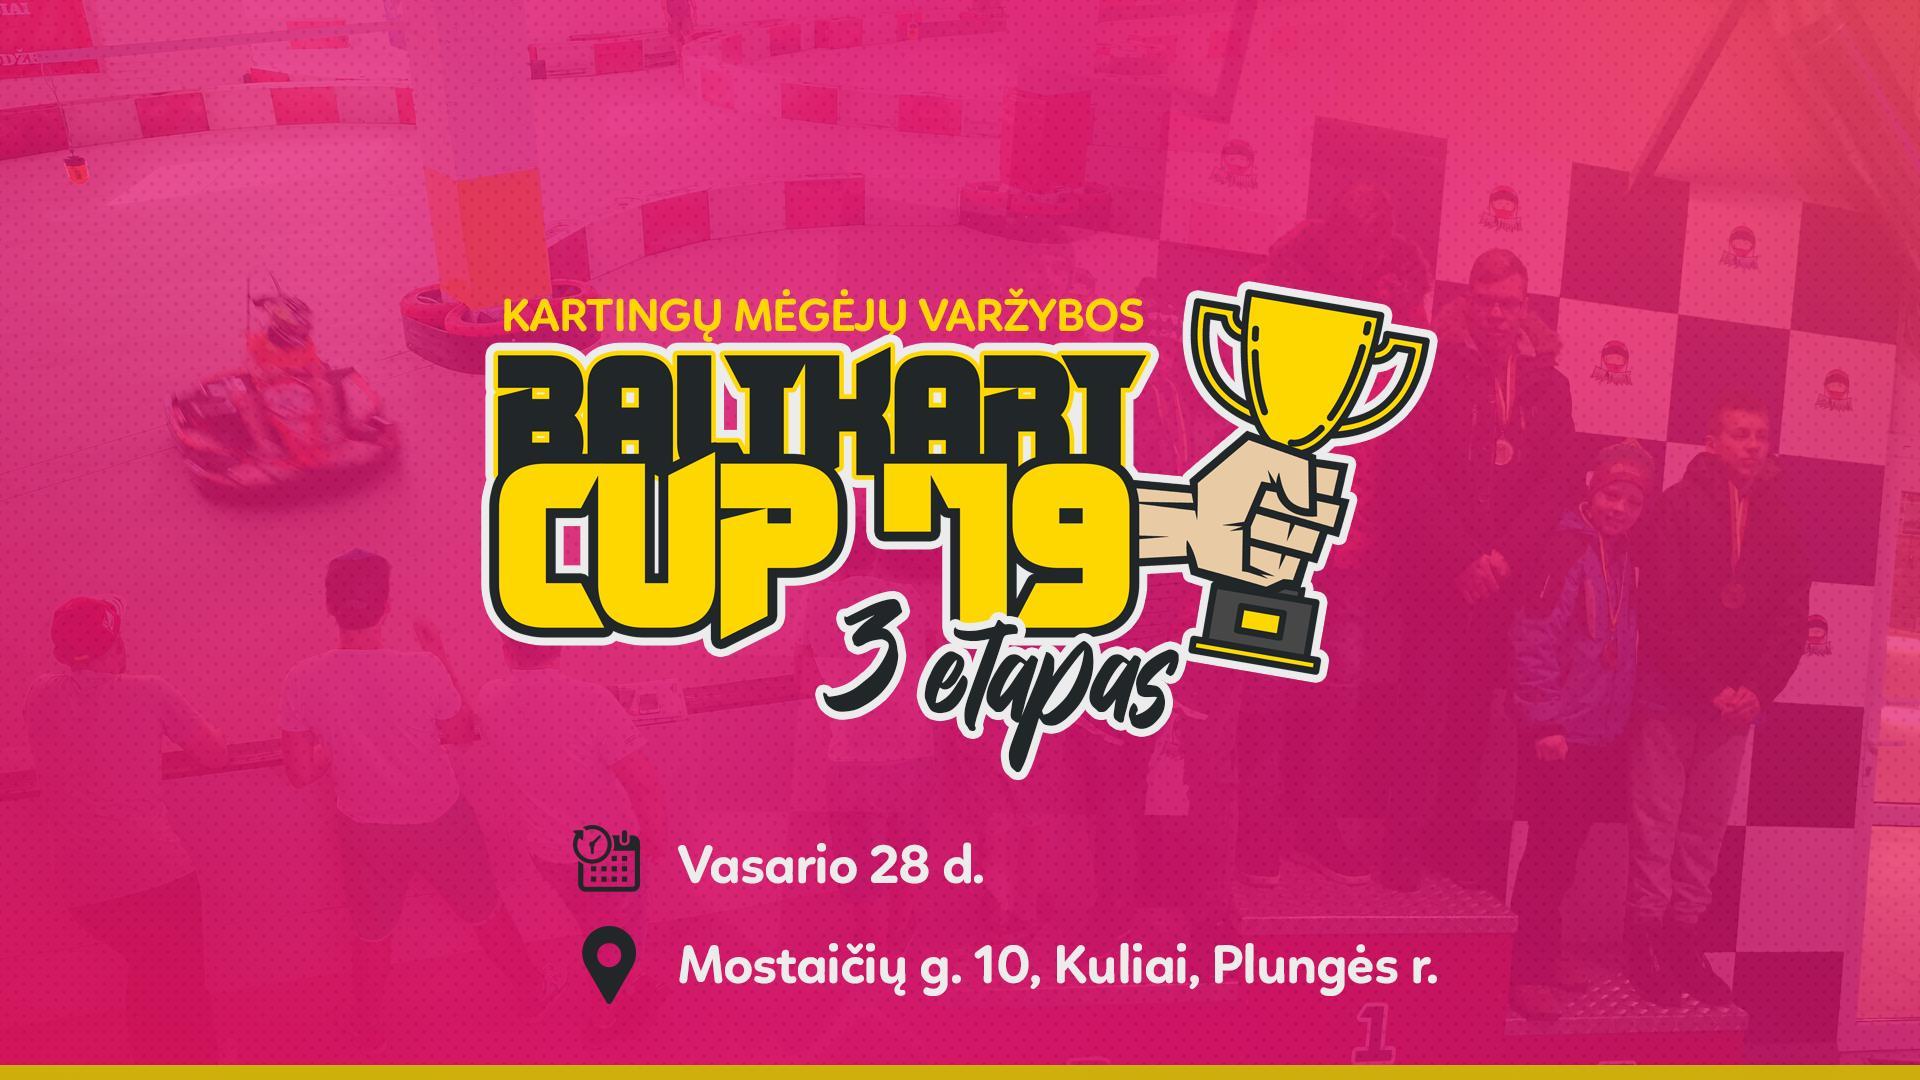 """Kartingų mėgėjų varžybos - """"Baltkart CUP '19"""" 3 etapas"""